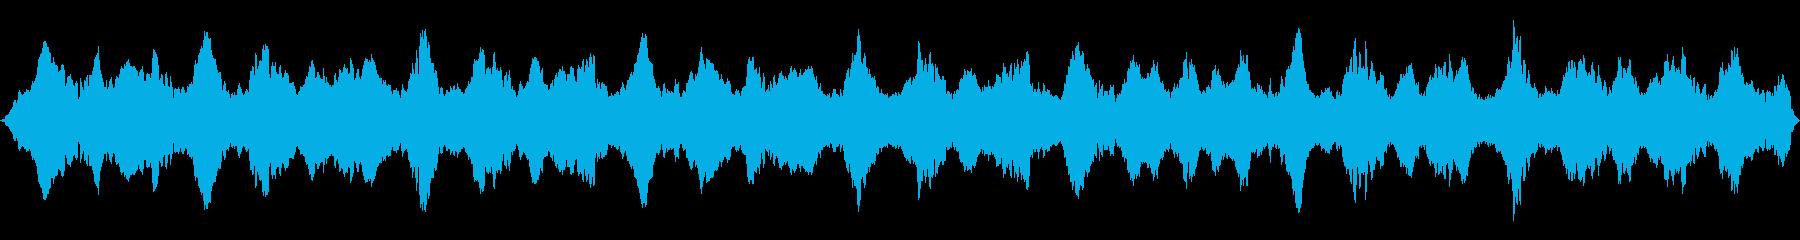 隠されたパワードローンの再生済みの波形